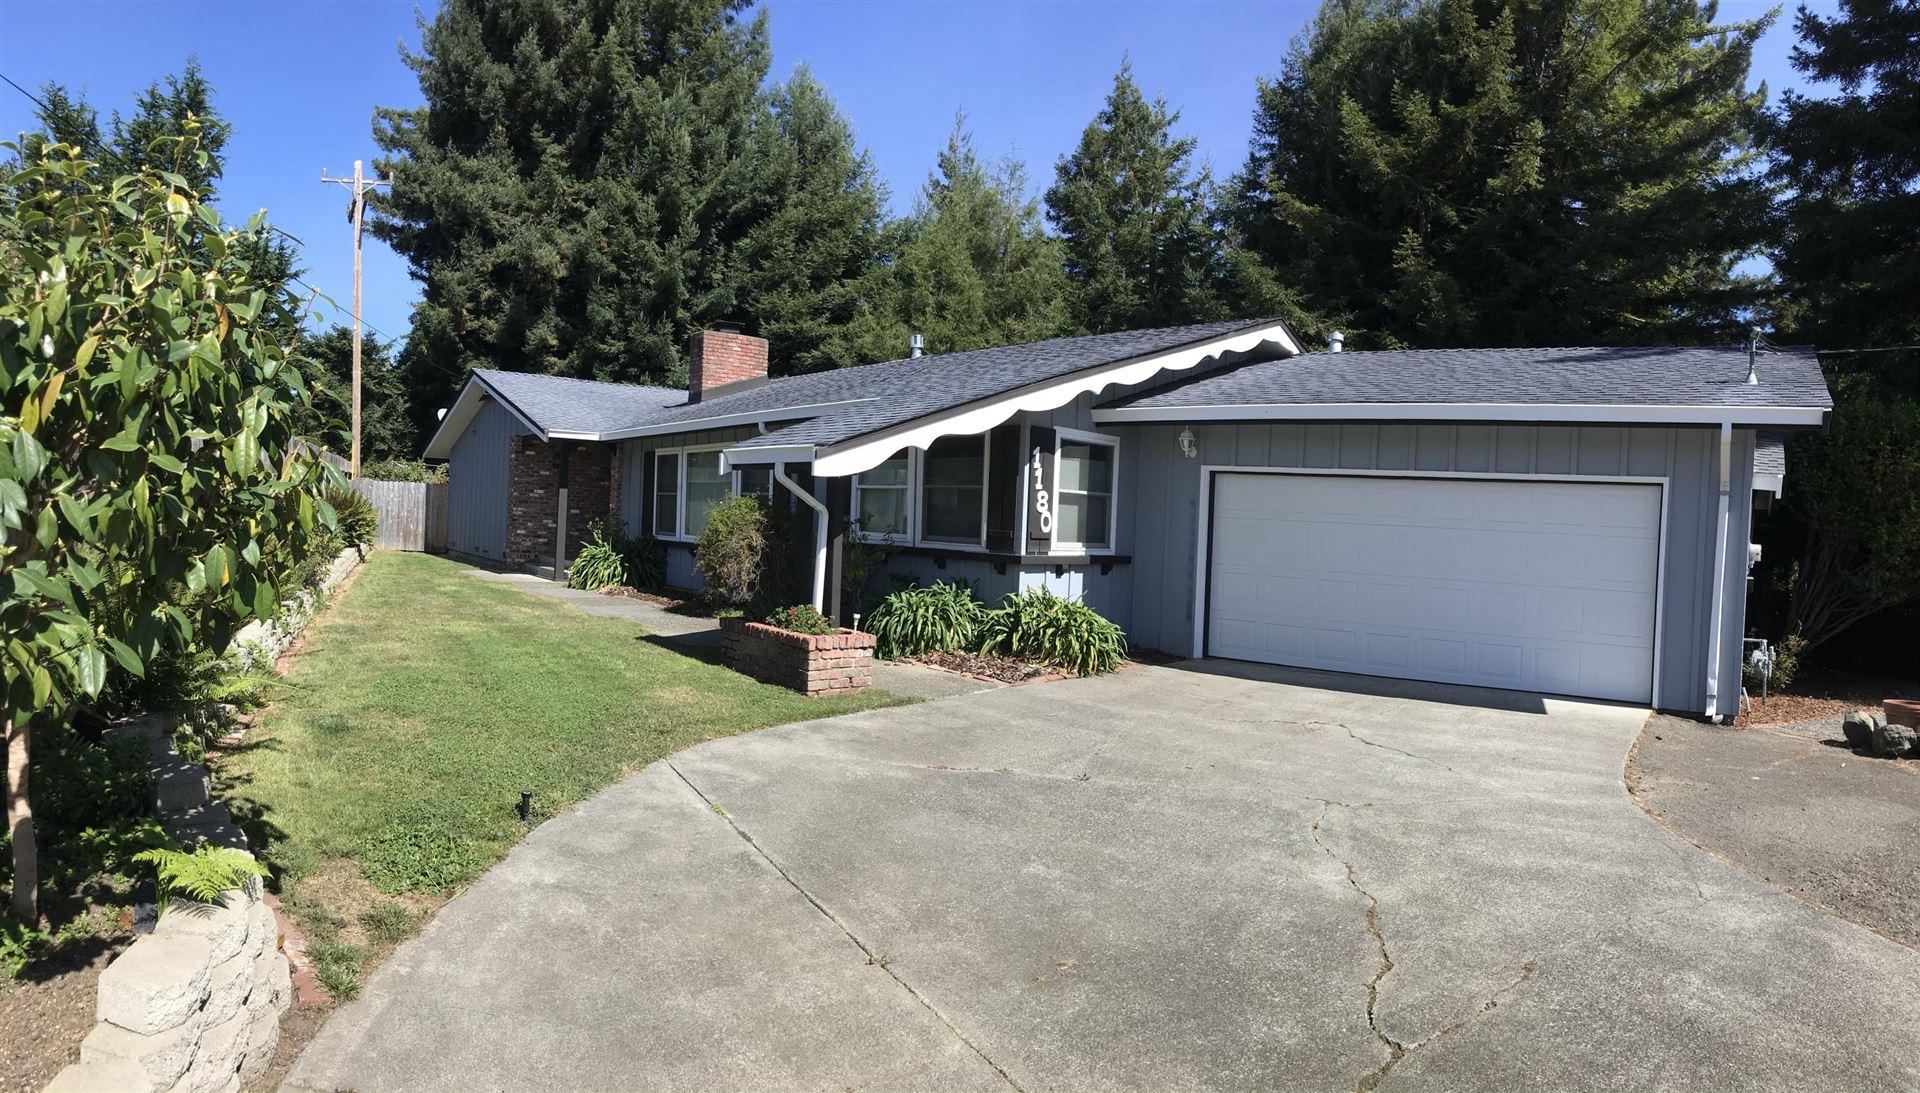 1180 High Street, Fortuna, CA 95540 - MLS#: 257436